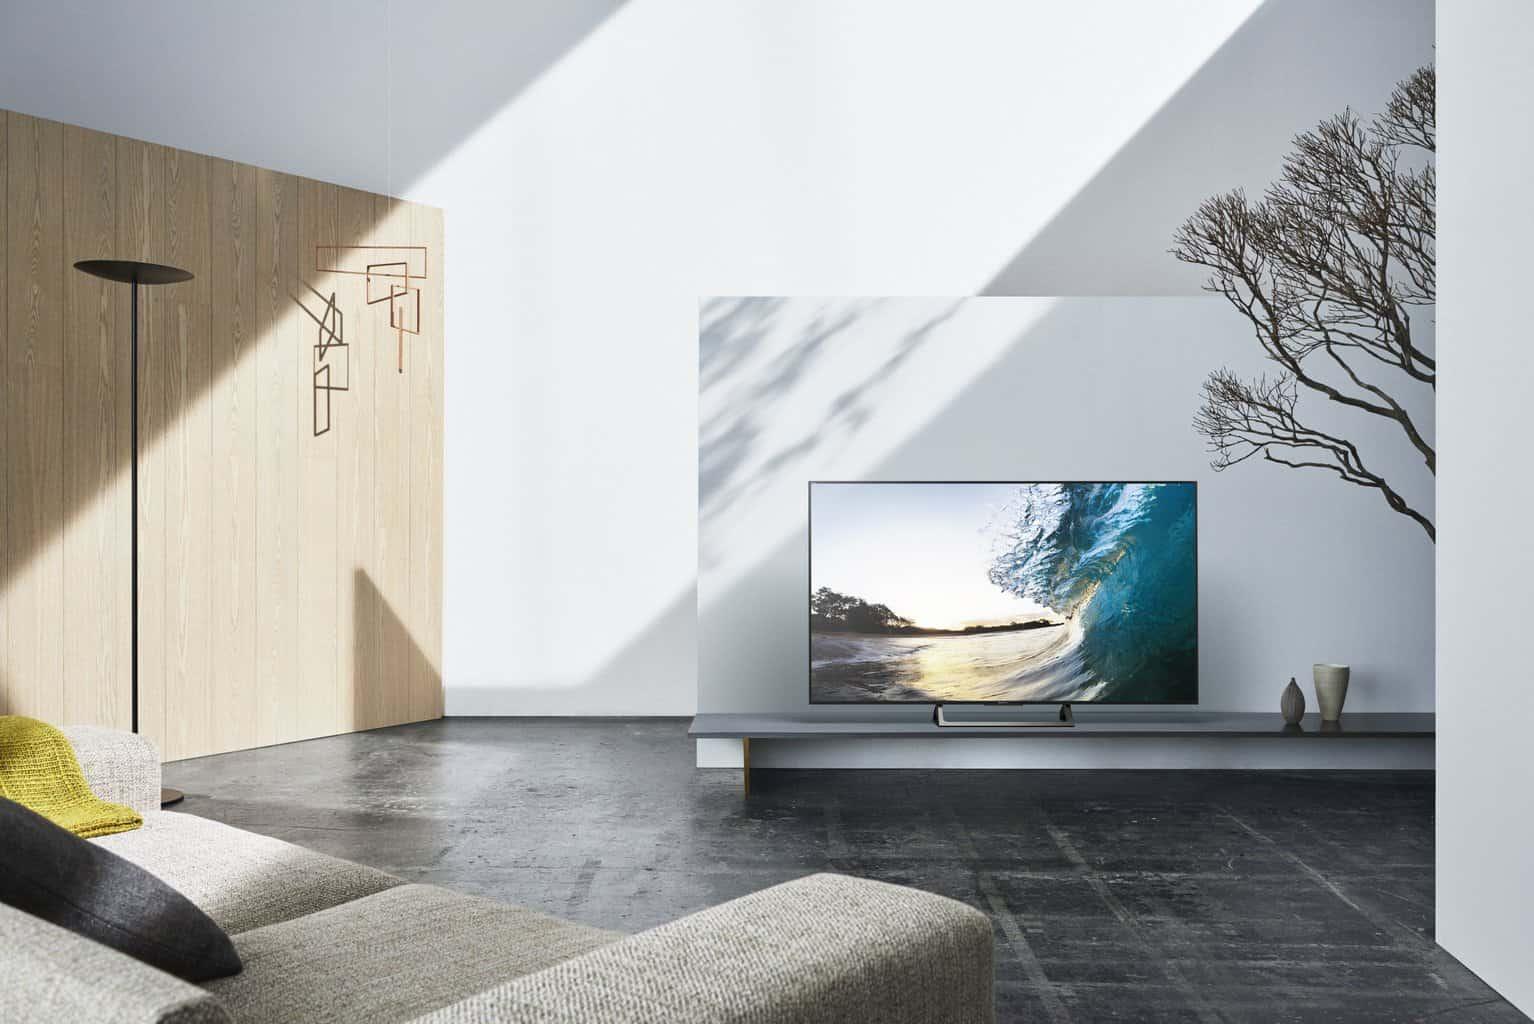 sony bravia oled 4k hdr fernseher heimkinopartner. Black Bedroom Furniture Sets. Home Design Ideas